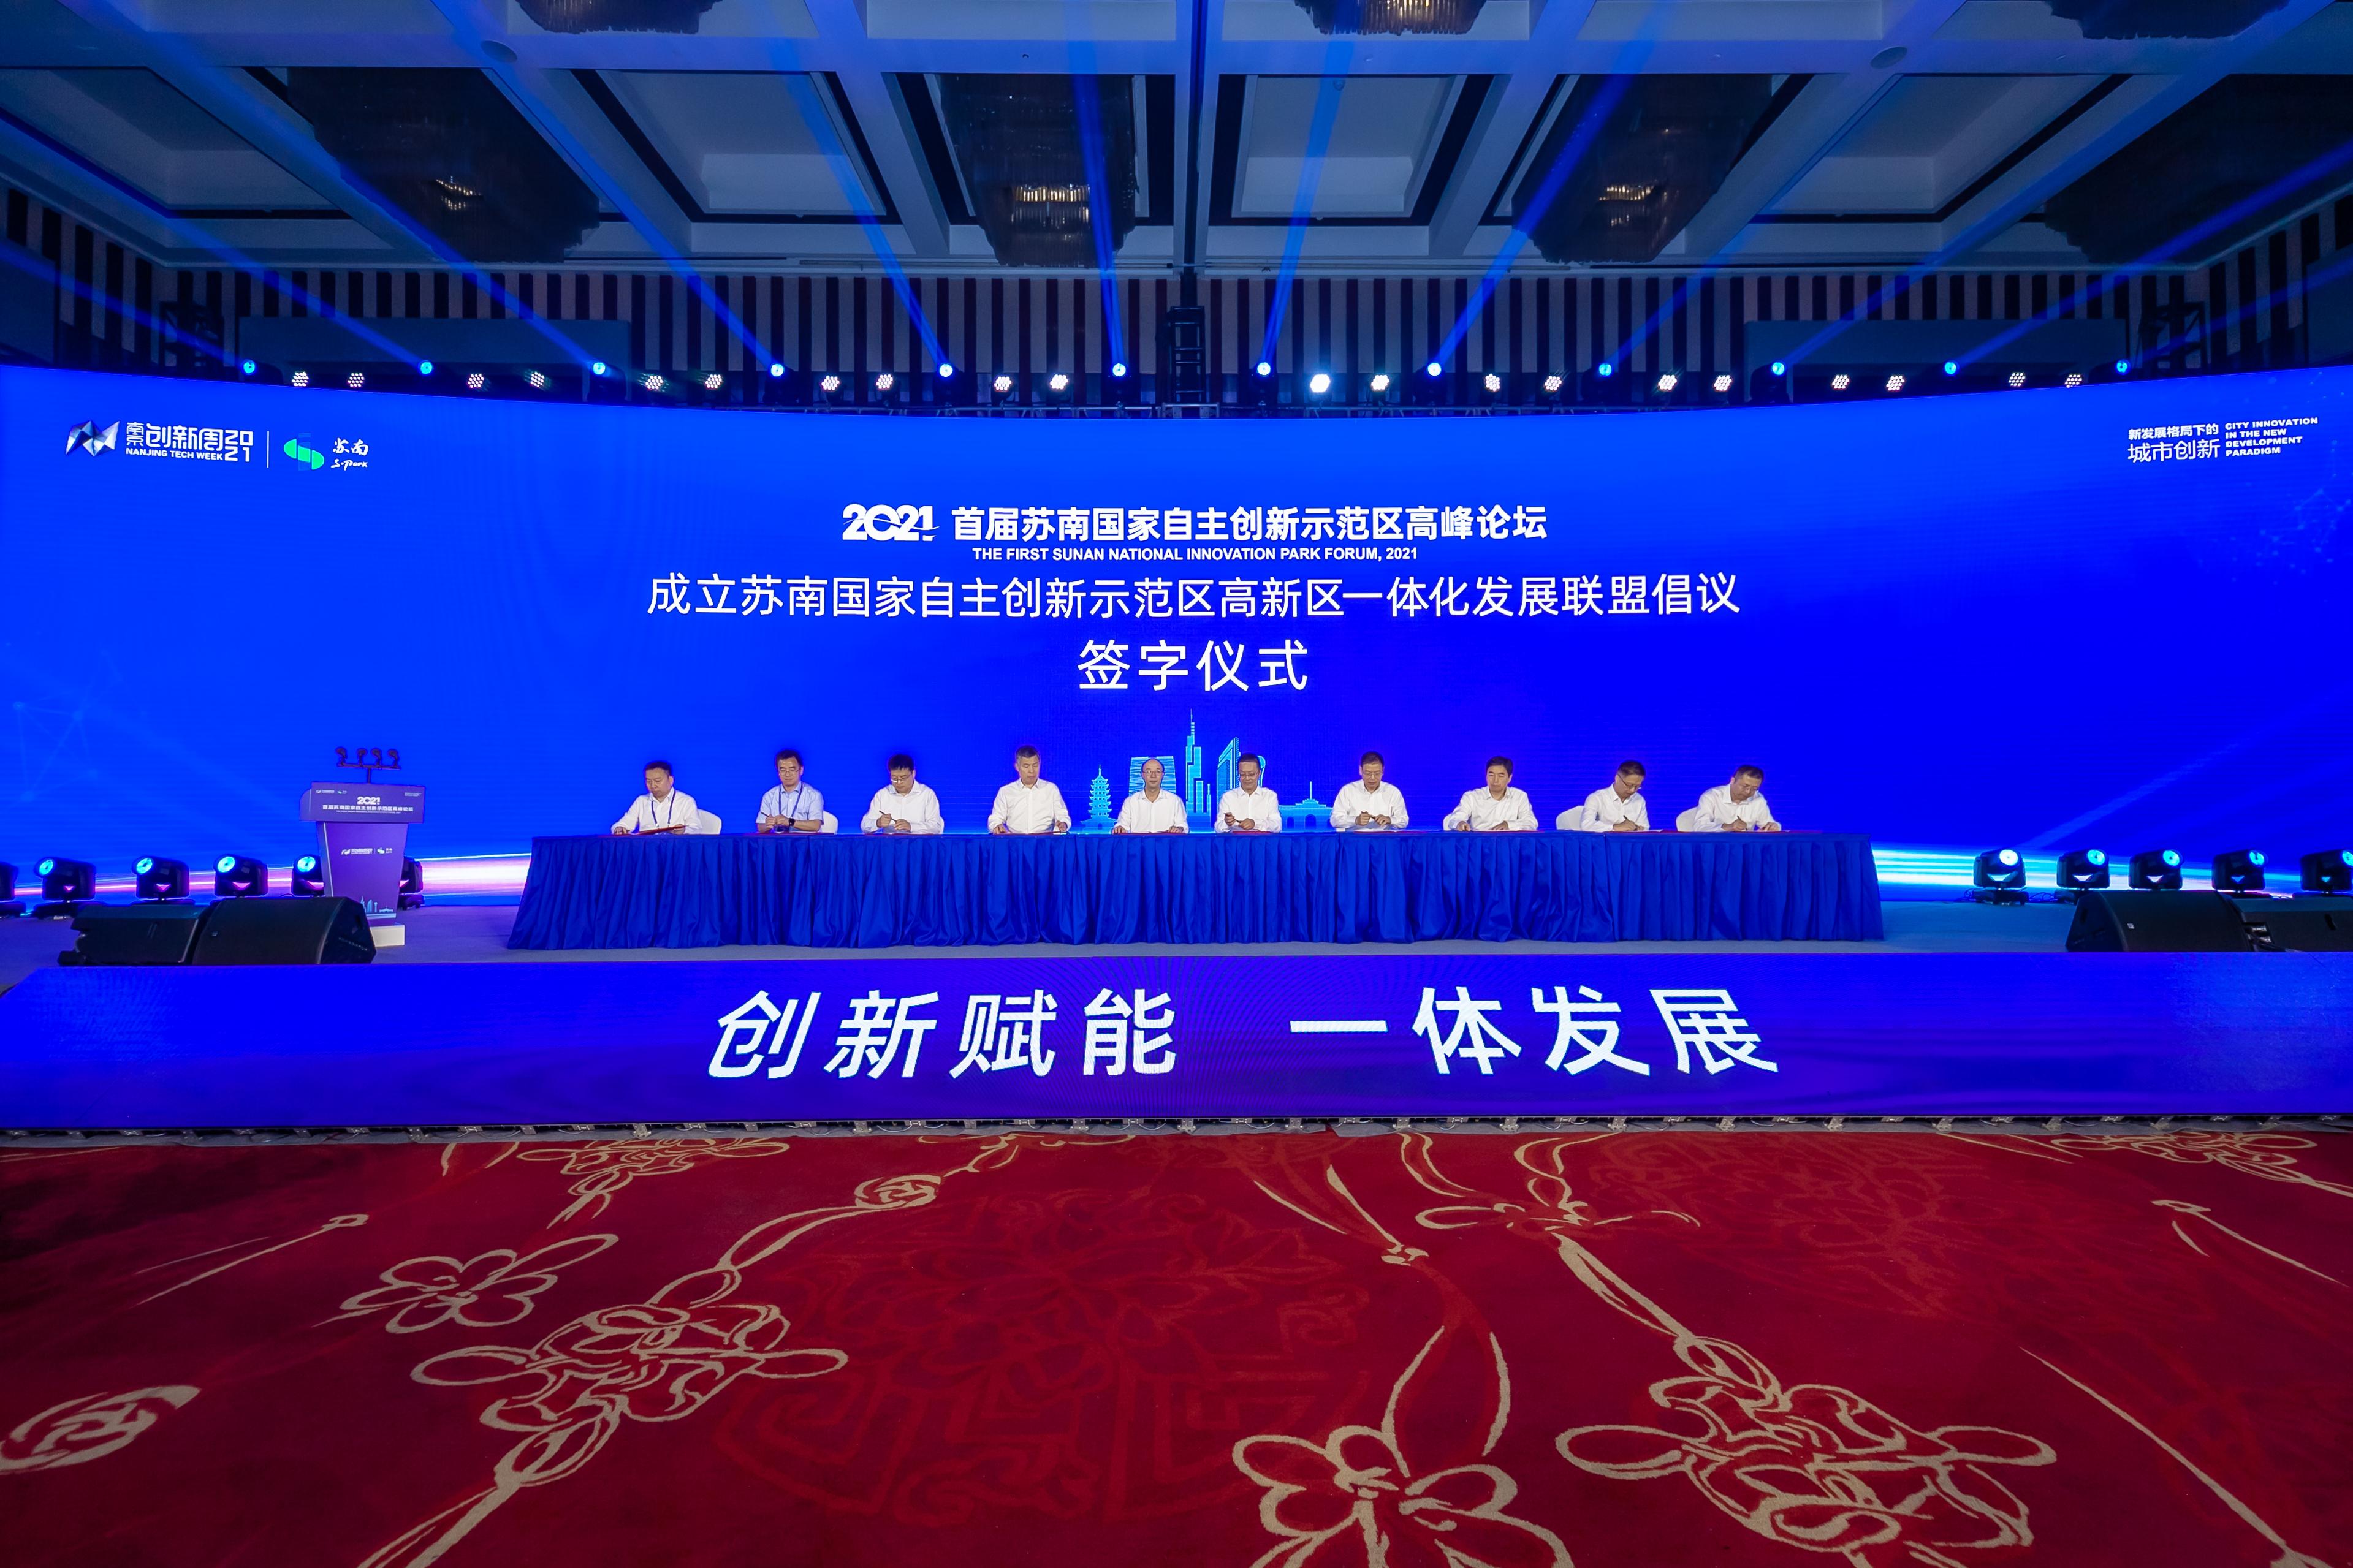 """""""创新赋能,一体发展""""首届苏南国家自创区高峰论坛举行"""